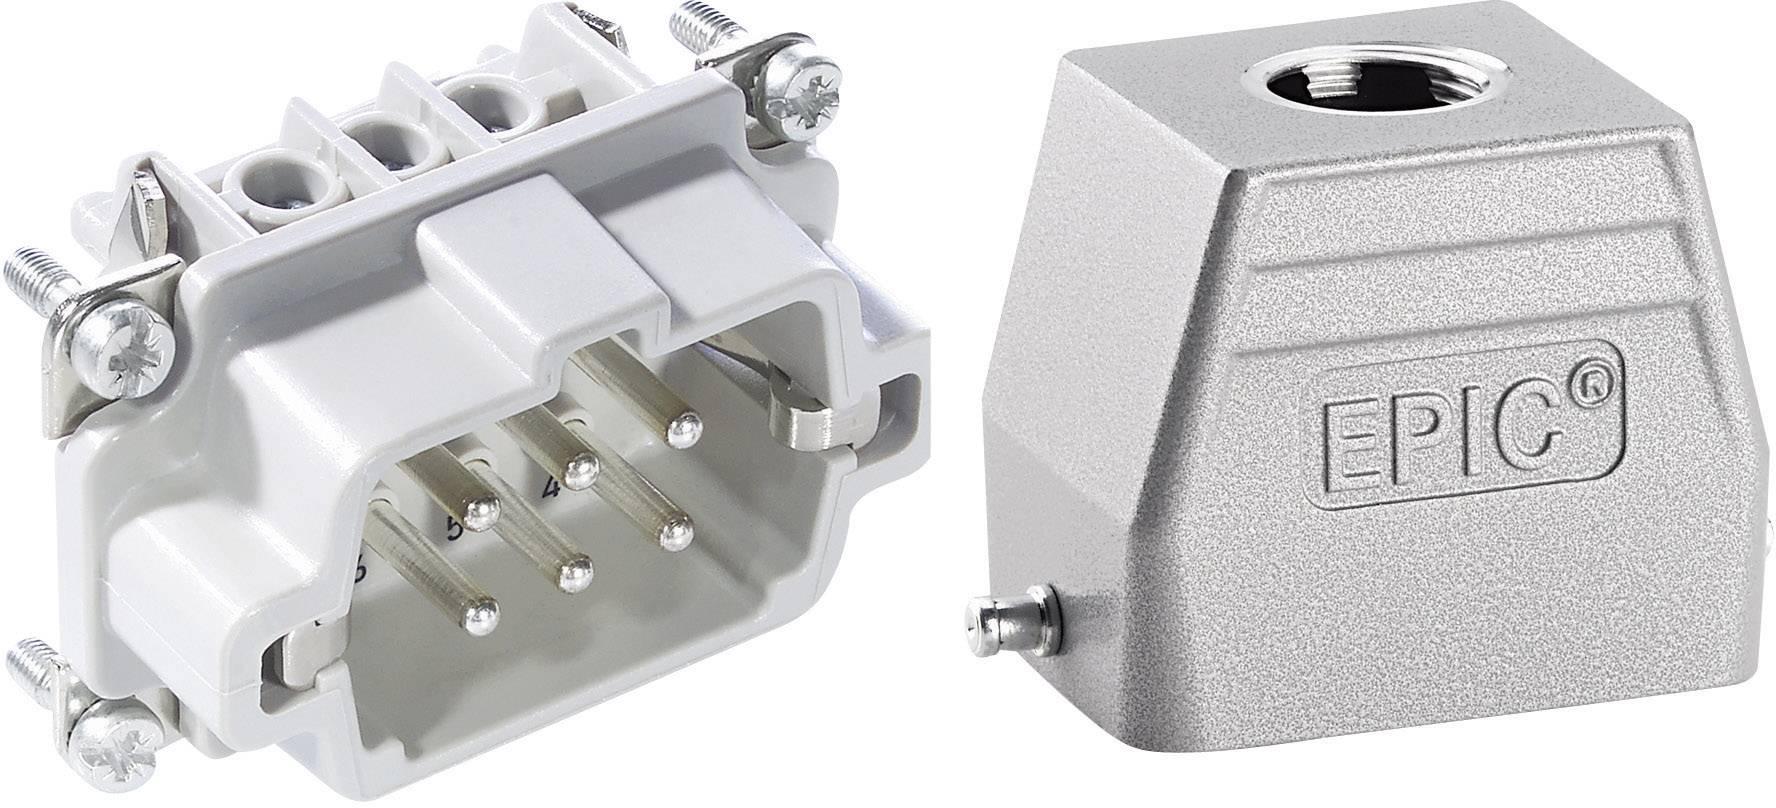 Sada konektorů EPIC®KIT H-BE 6 75009635 LappKabel 6 + PE šroubovací 1 sada